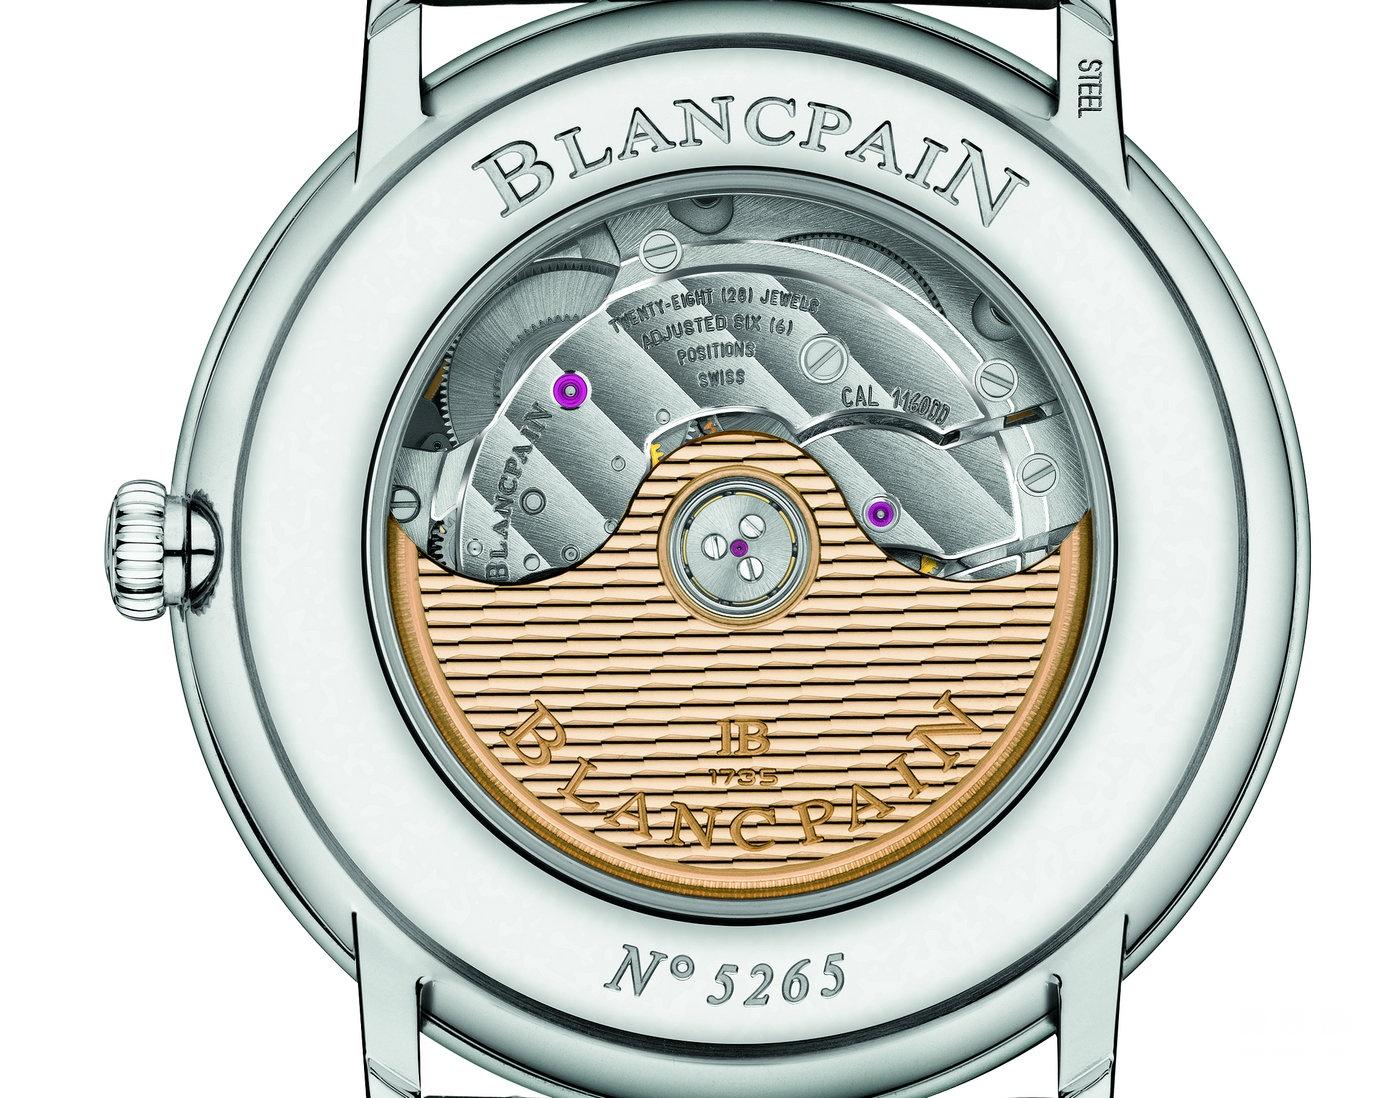 宝珀Villeret系列6652-1127-55B双历显示腕表